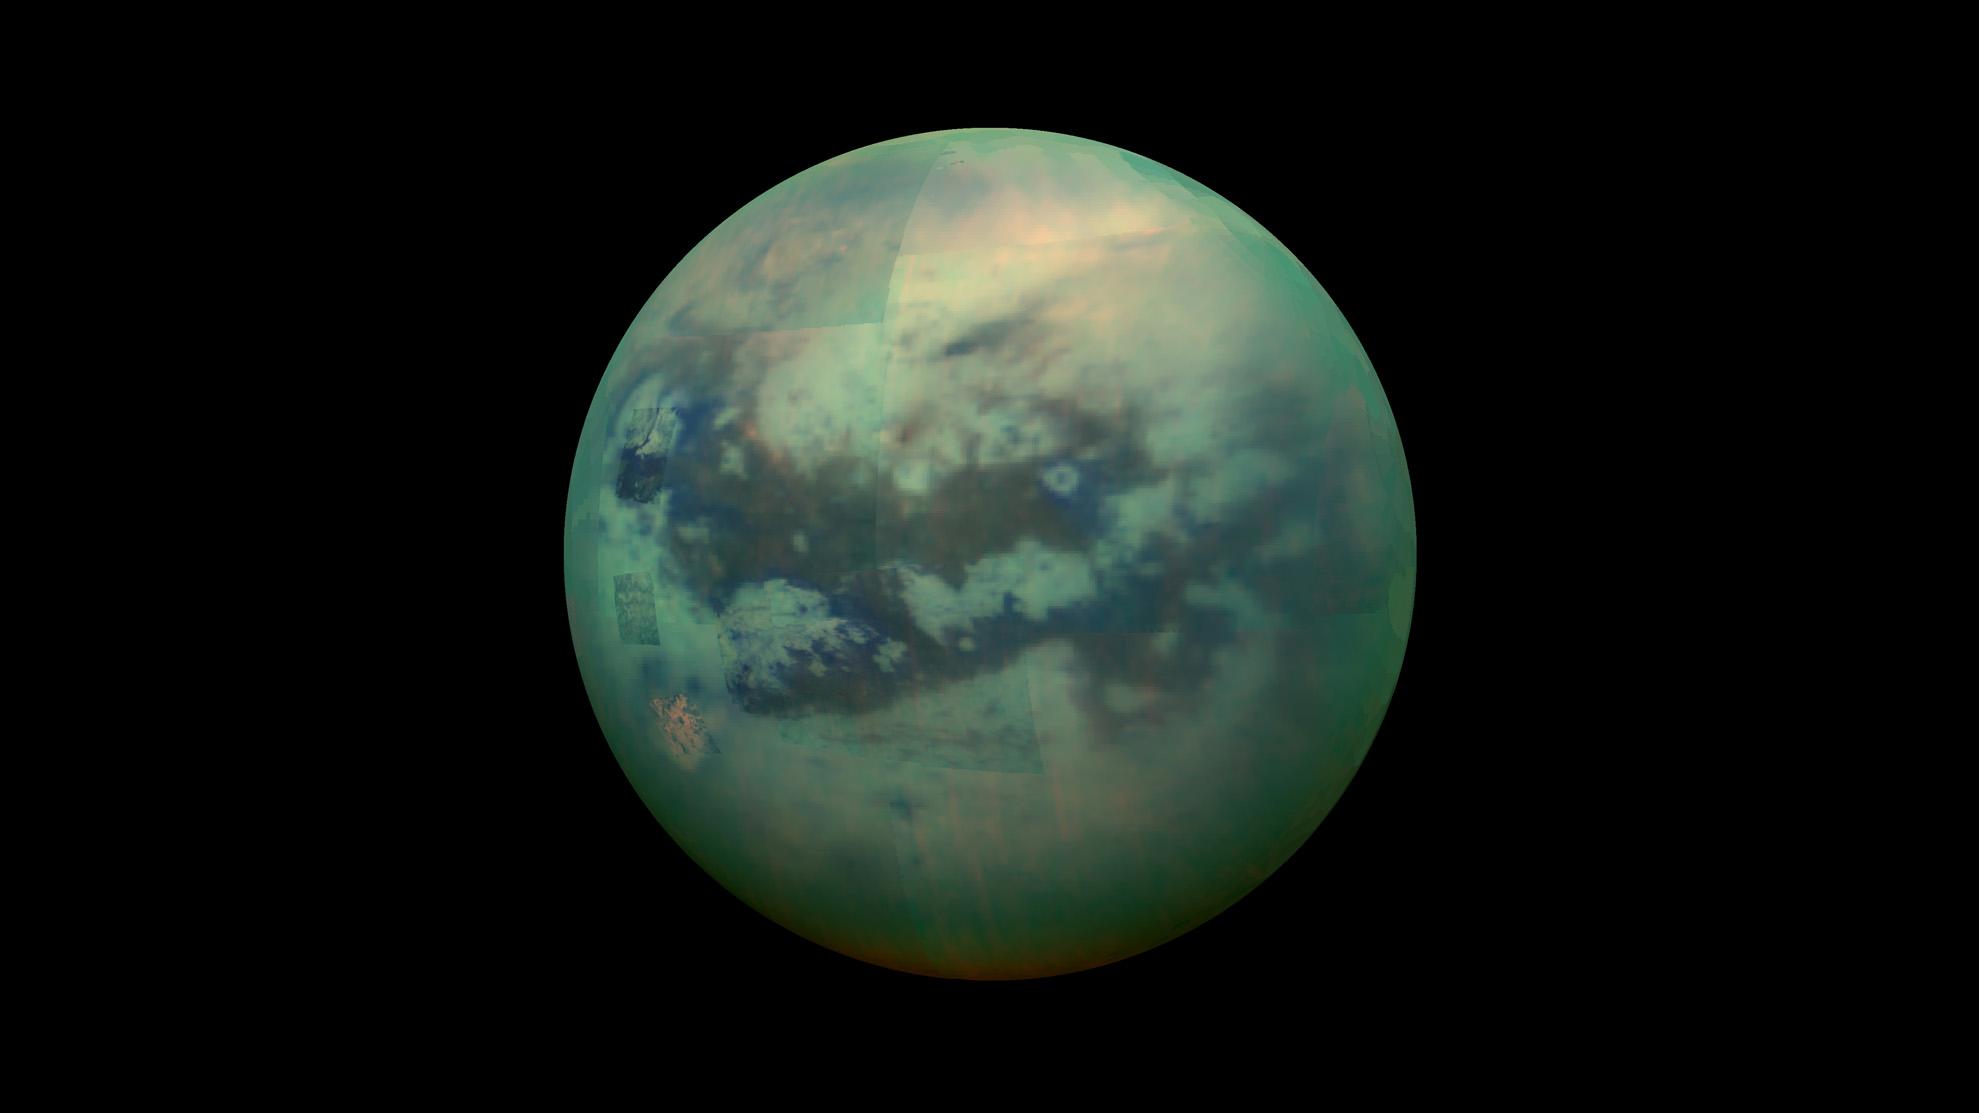 Ten księżyc Saturna jest jedynym poza Ziemią miejscem w naszym Układzie Słonecznym, gdzie stabilna ciecz występuje na powierzchni. Cieczą tą jest głównie metan i etan.